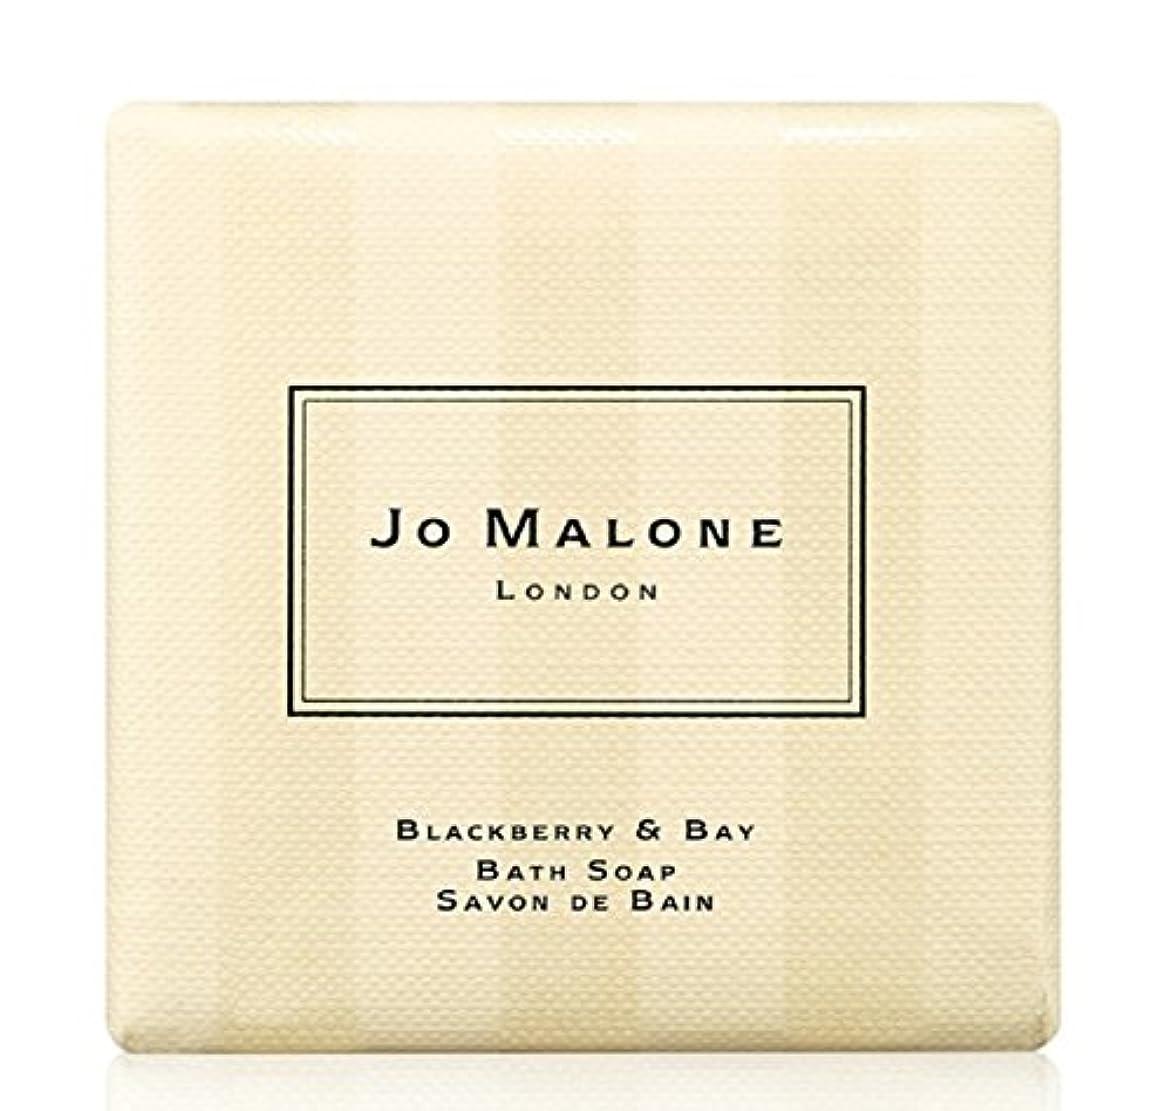 ジャンプオリエンタル指定ジョーマローン ブラックベリー&ベイ バス ソープ 石鹸 100 g